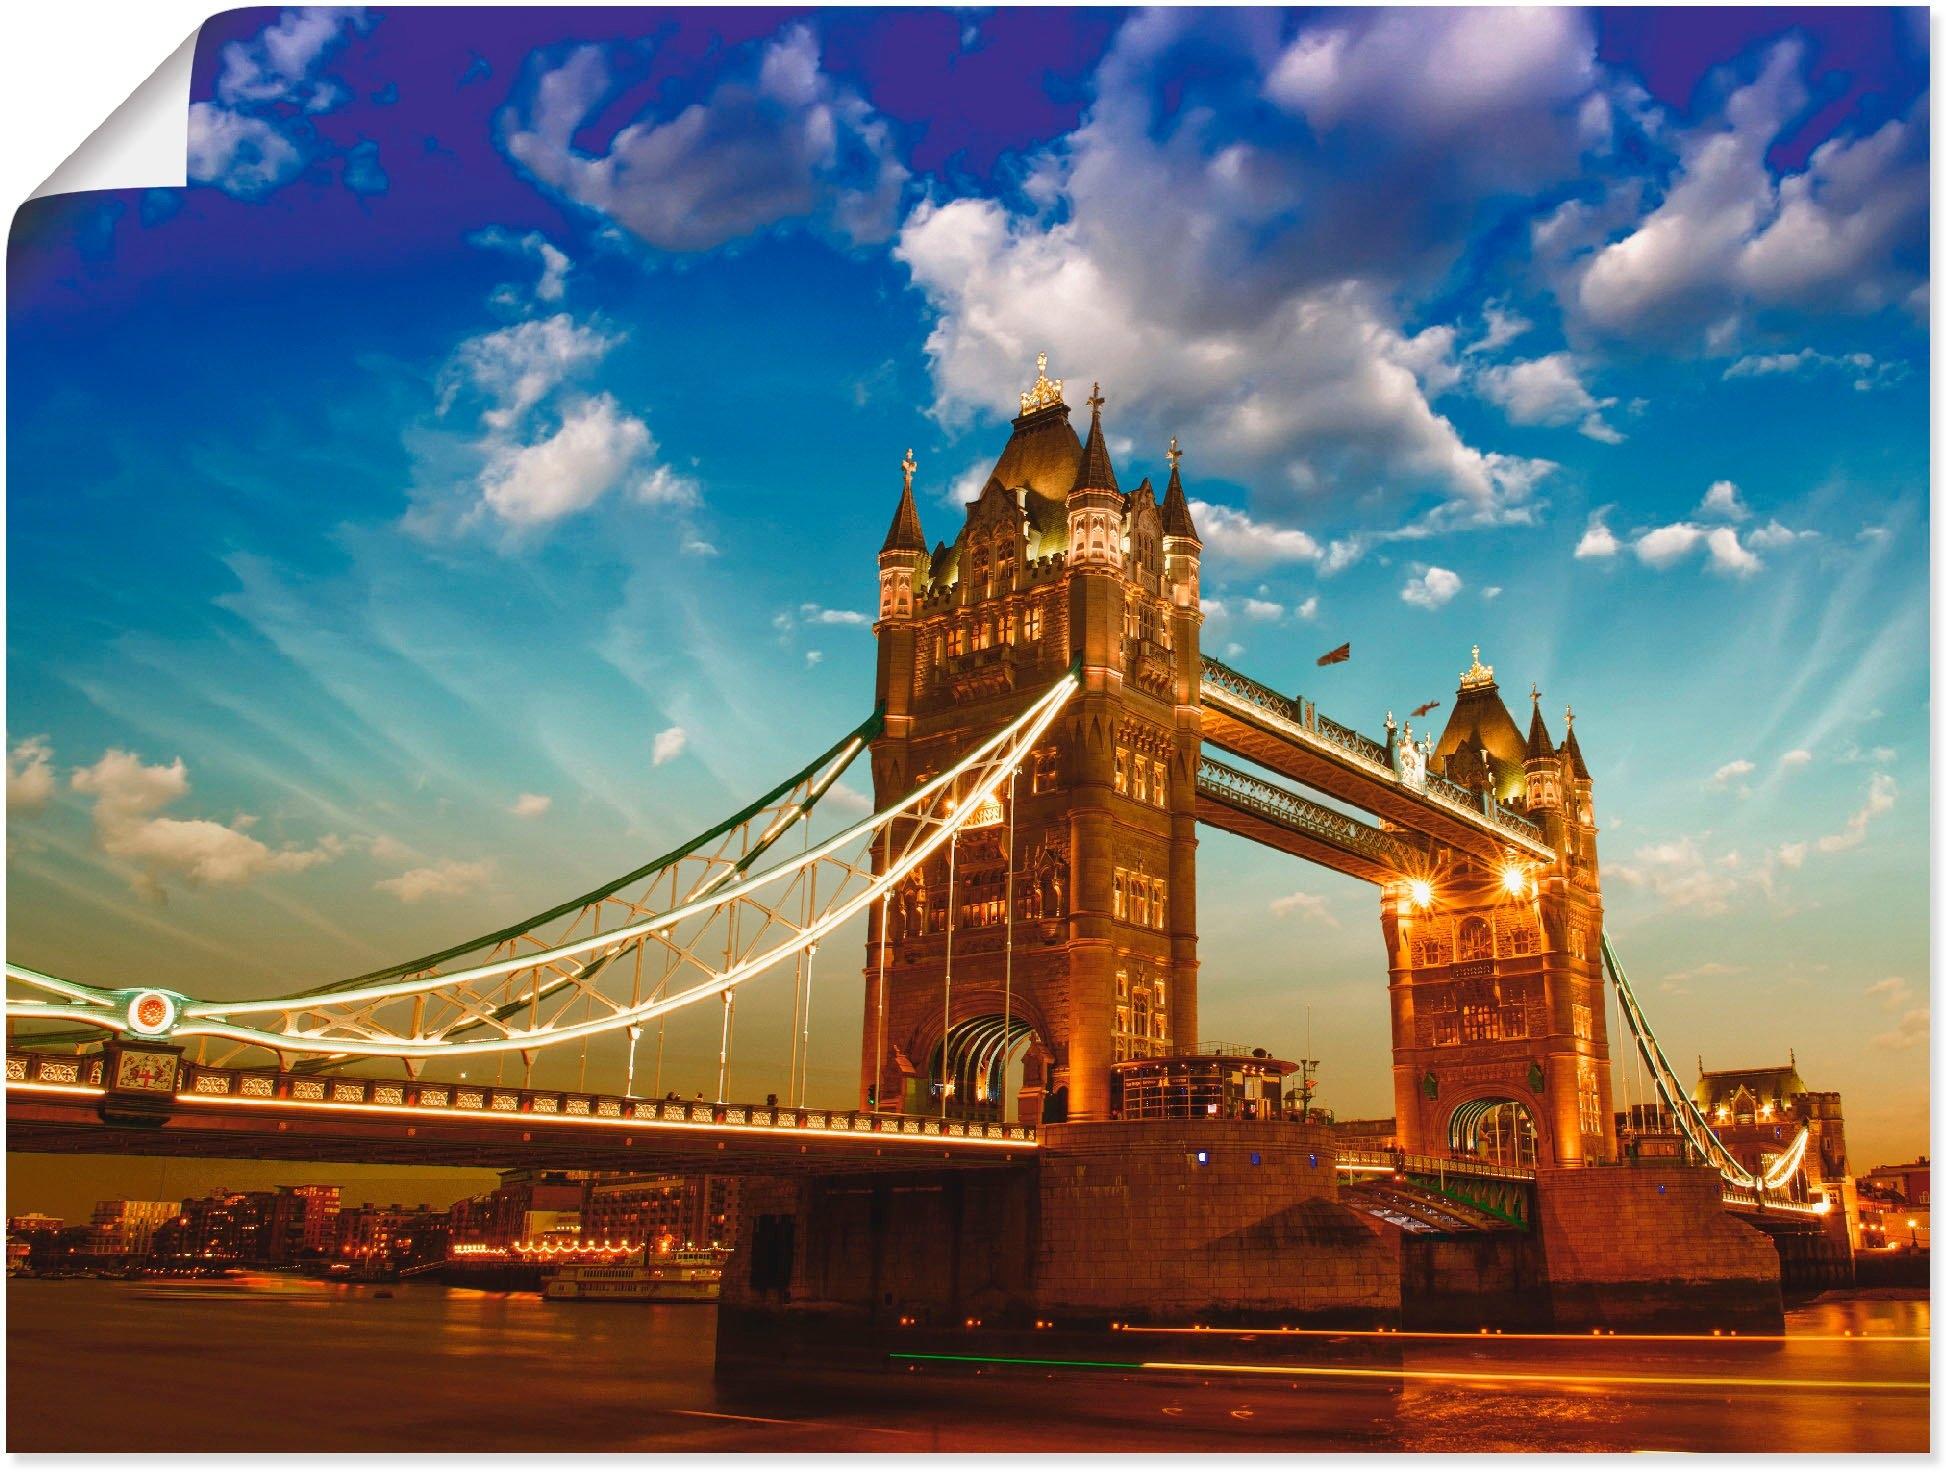 Artland artprint Tower Bridge in vele afmetingen & productsoorten - artprint van aluminium / artprint voor buiten, artprint op linnen, poster, muursticker / wandfolie ook geschikt voor de badkamer (1 stuk) in de webshop van OTTO kopen